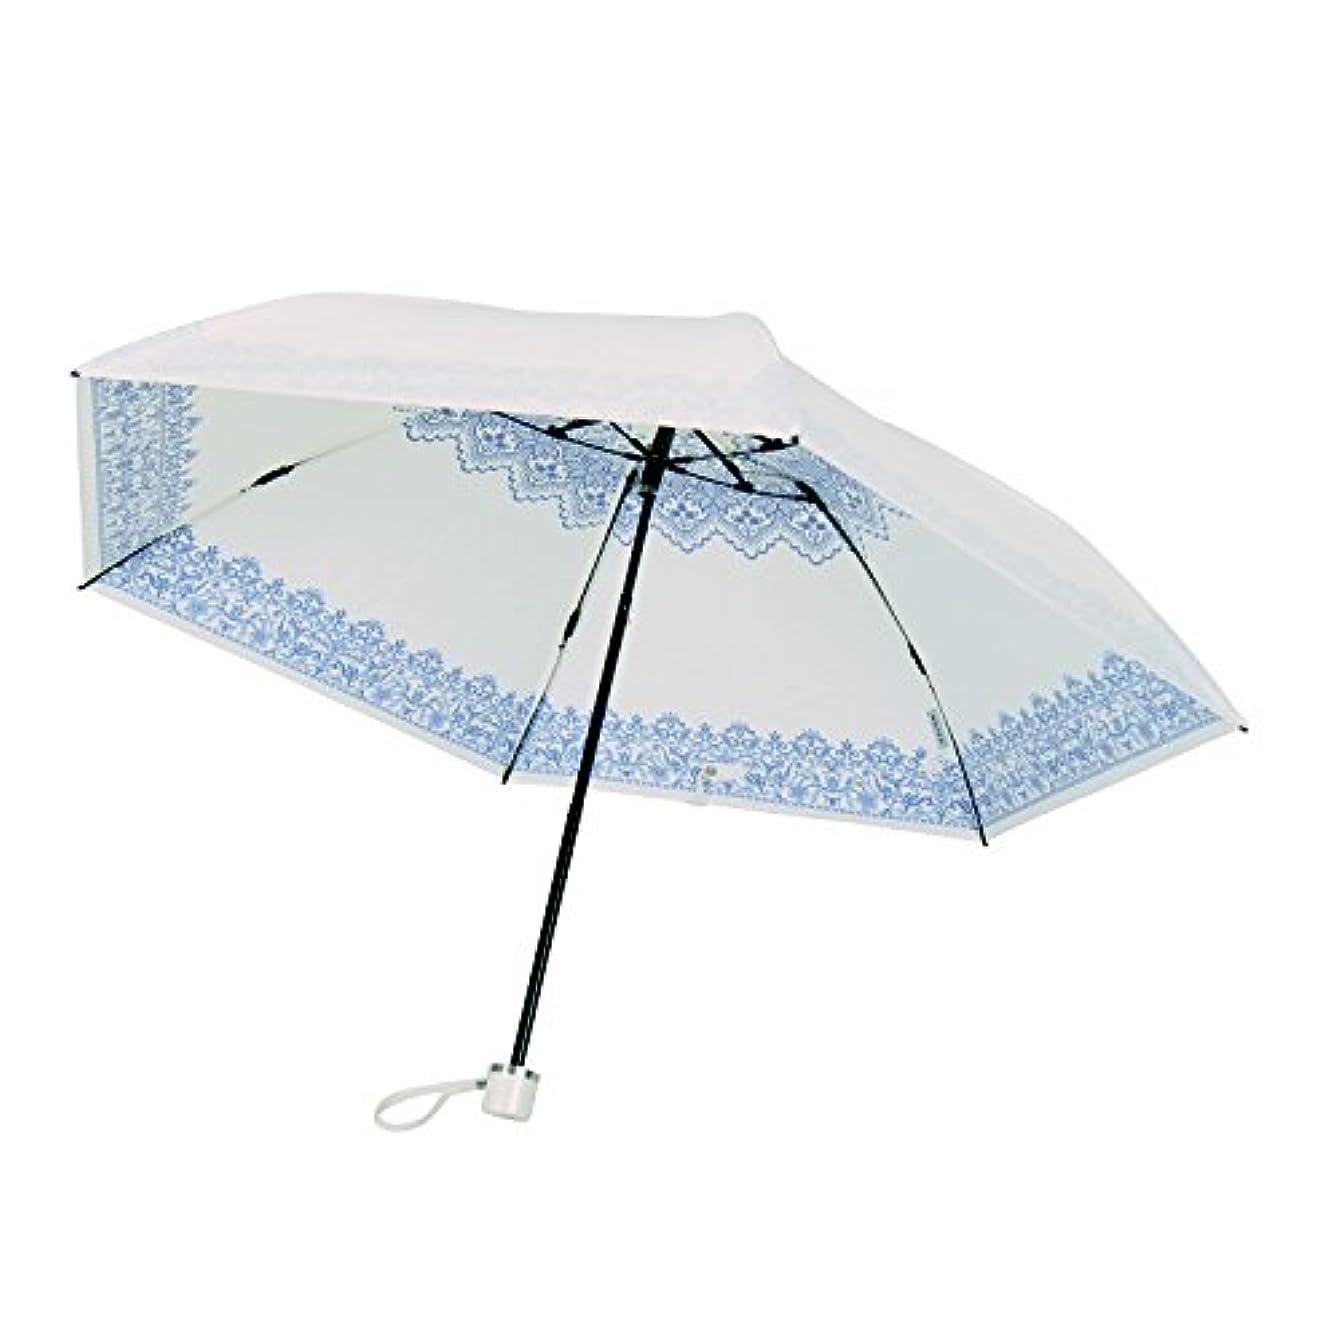 害虫歌絶え間ないUVION(ユビオン) ホワイト 折りたたみ傘 手開き 遮光 遮熱 日傘/晴雨兼用傘 レース 全3色 ブルー 6本骨 50cm UVカット 99%以上 軽量 コンパクト 3927BL